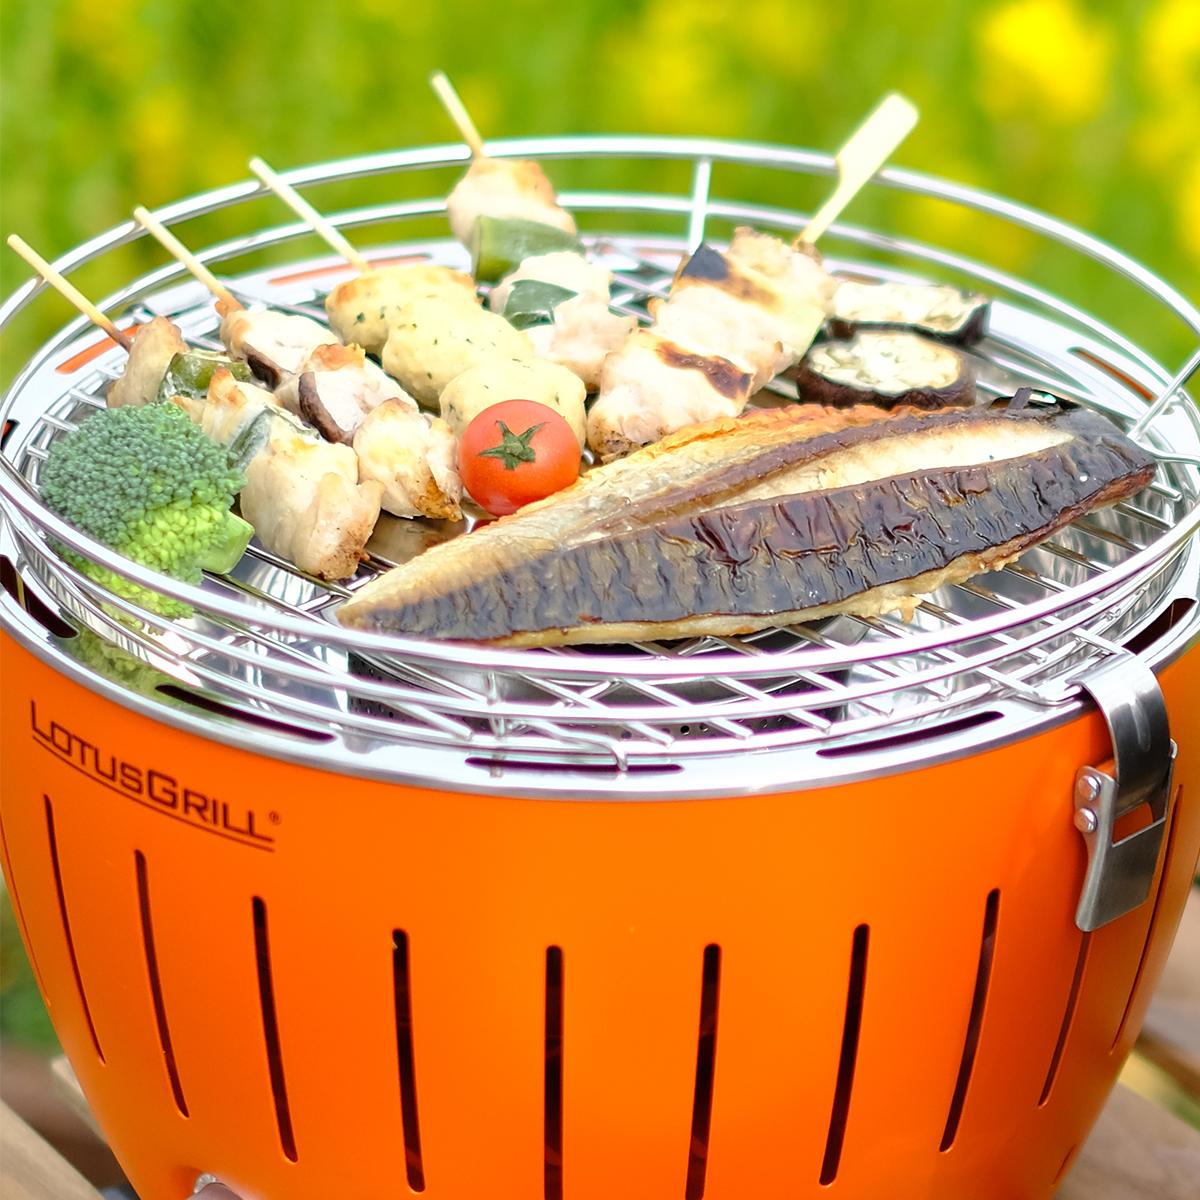 外はパリッ、中はふっくらと炭火ならではのおいしさ。大人の気楽なBBQができる「炭火焼グリル」(コンパクト・軽い、ミニ、スモールサイズ)|Lotus Grill